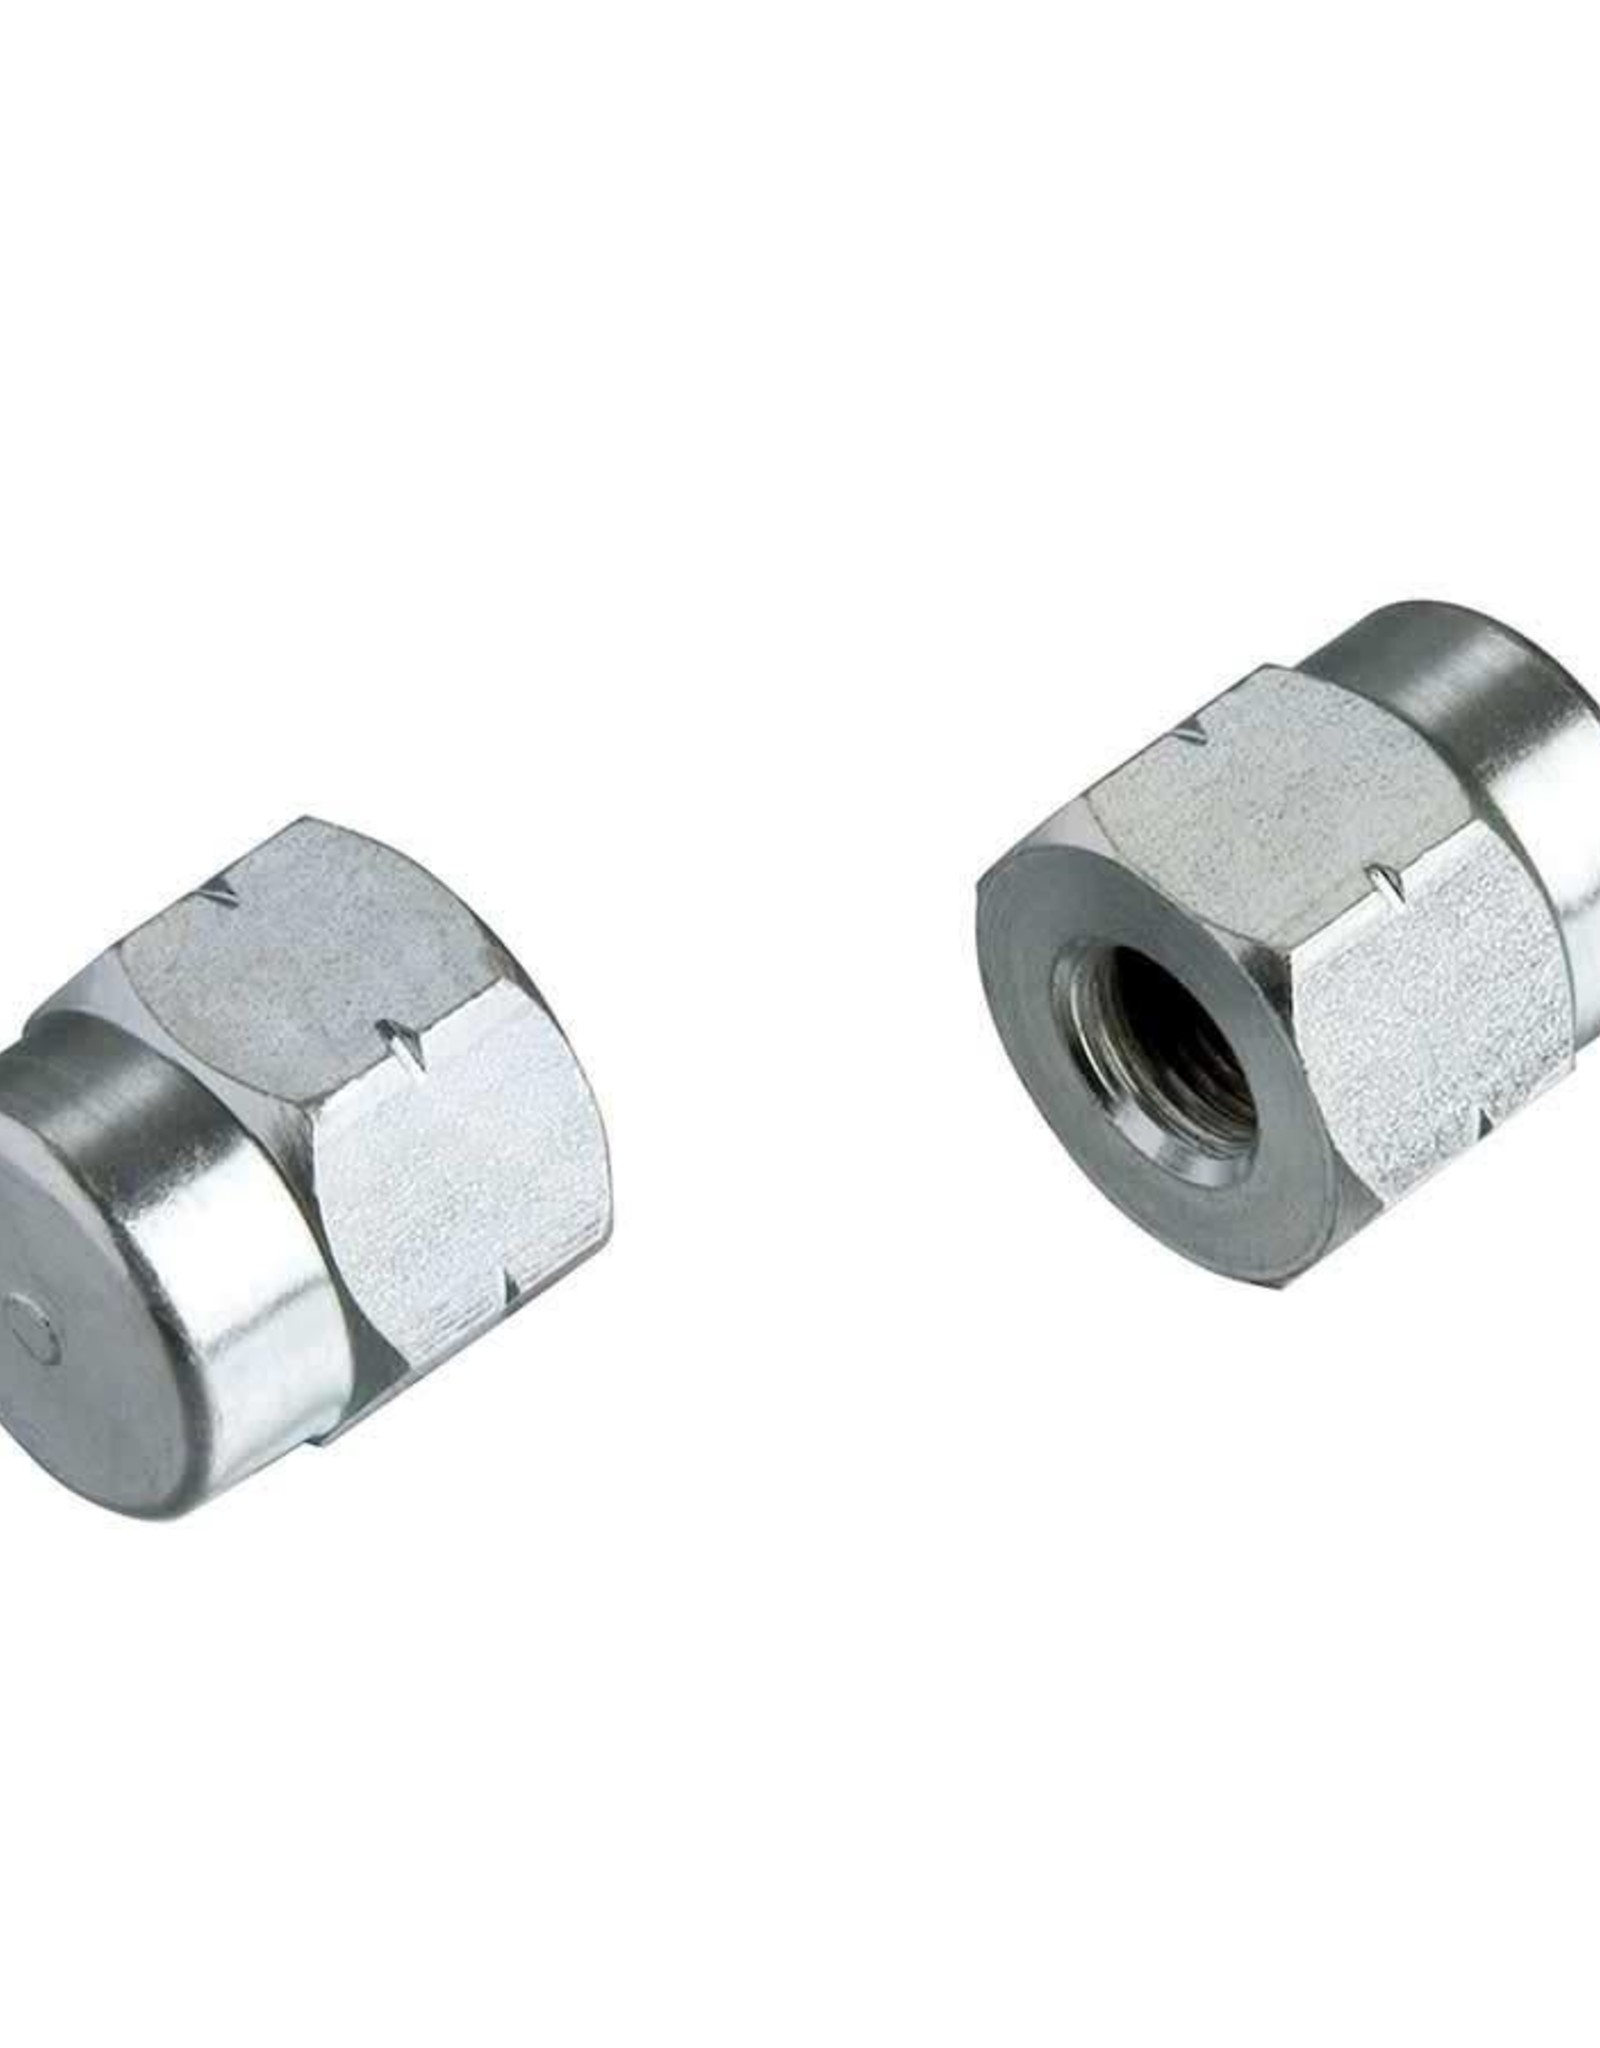 Tacx Tacx, T1415, Noix pour axe M10 x 1 (2 pieces)